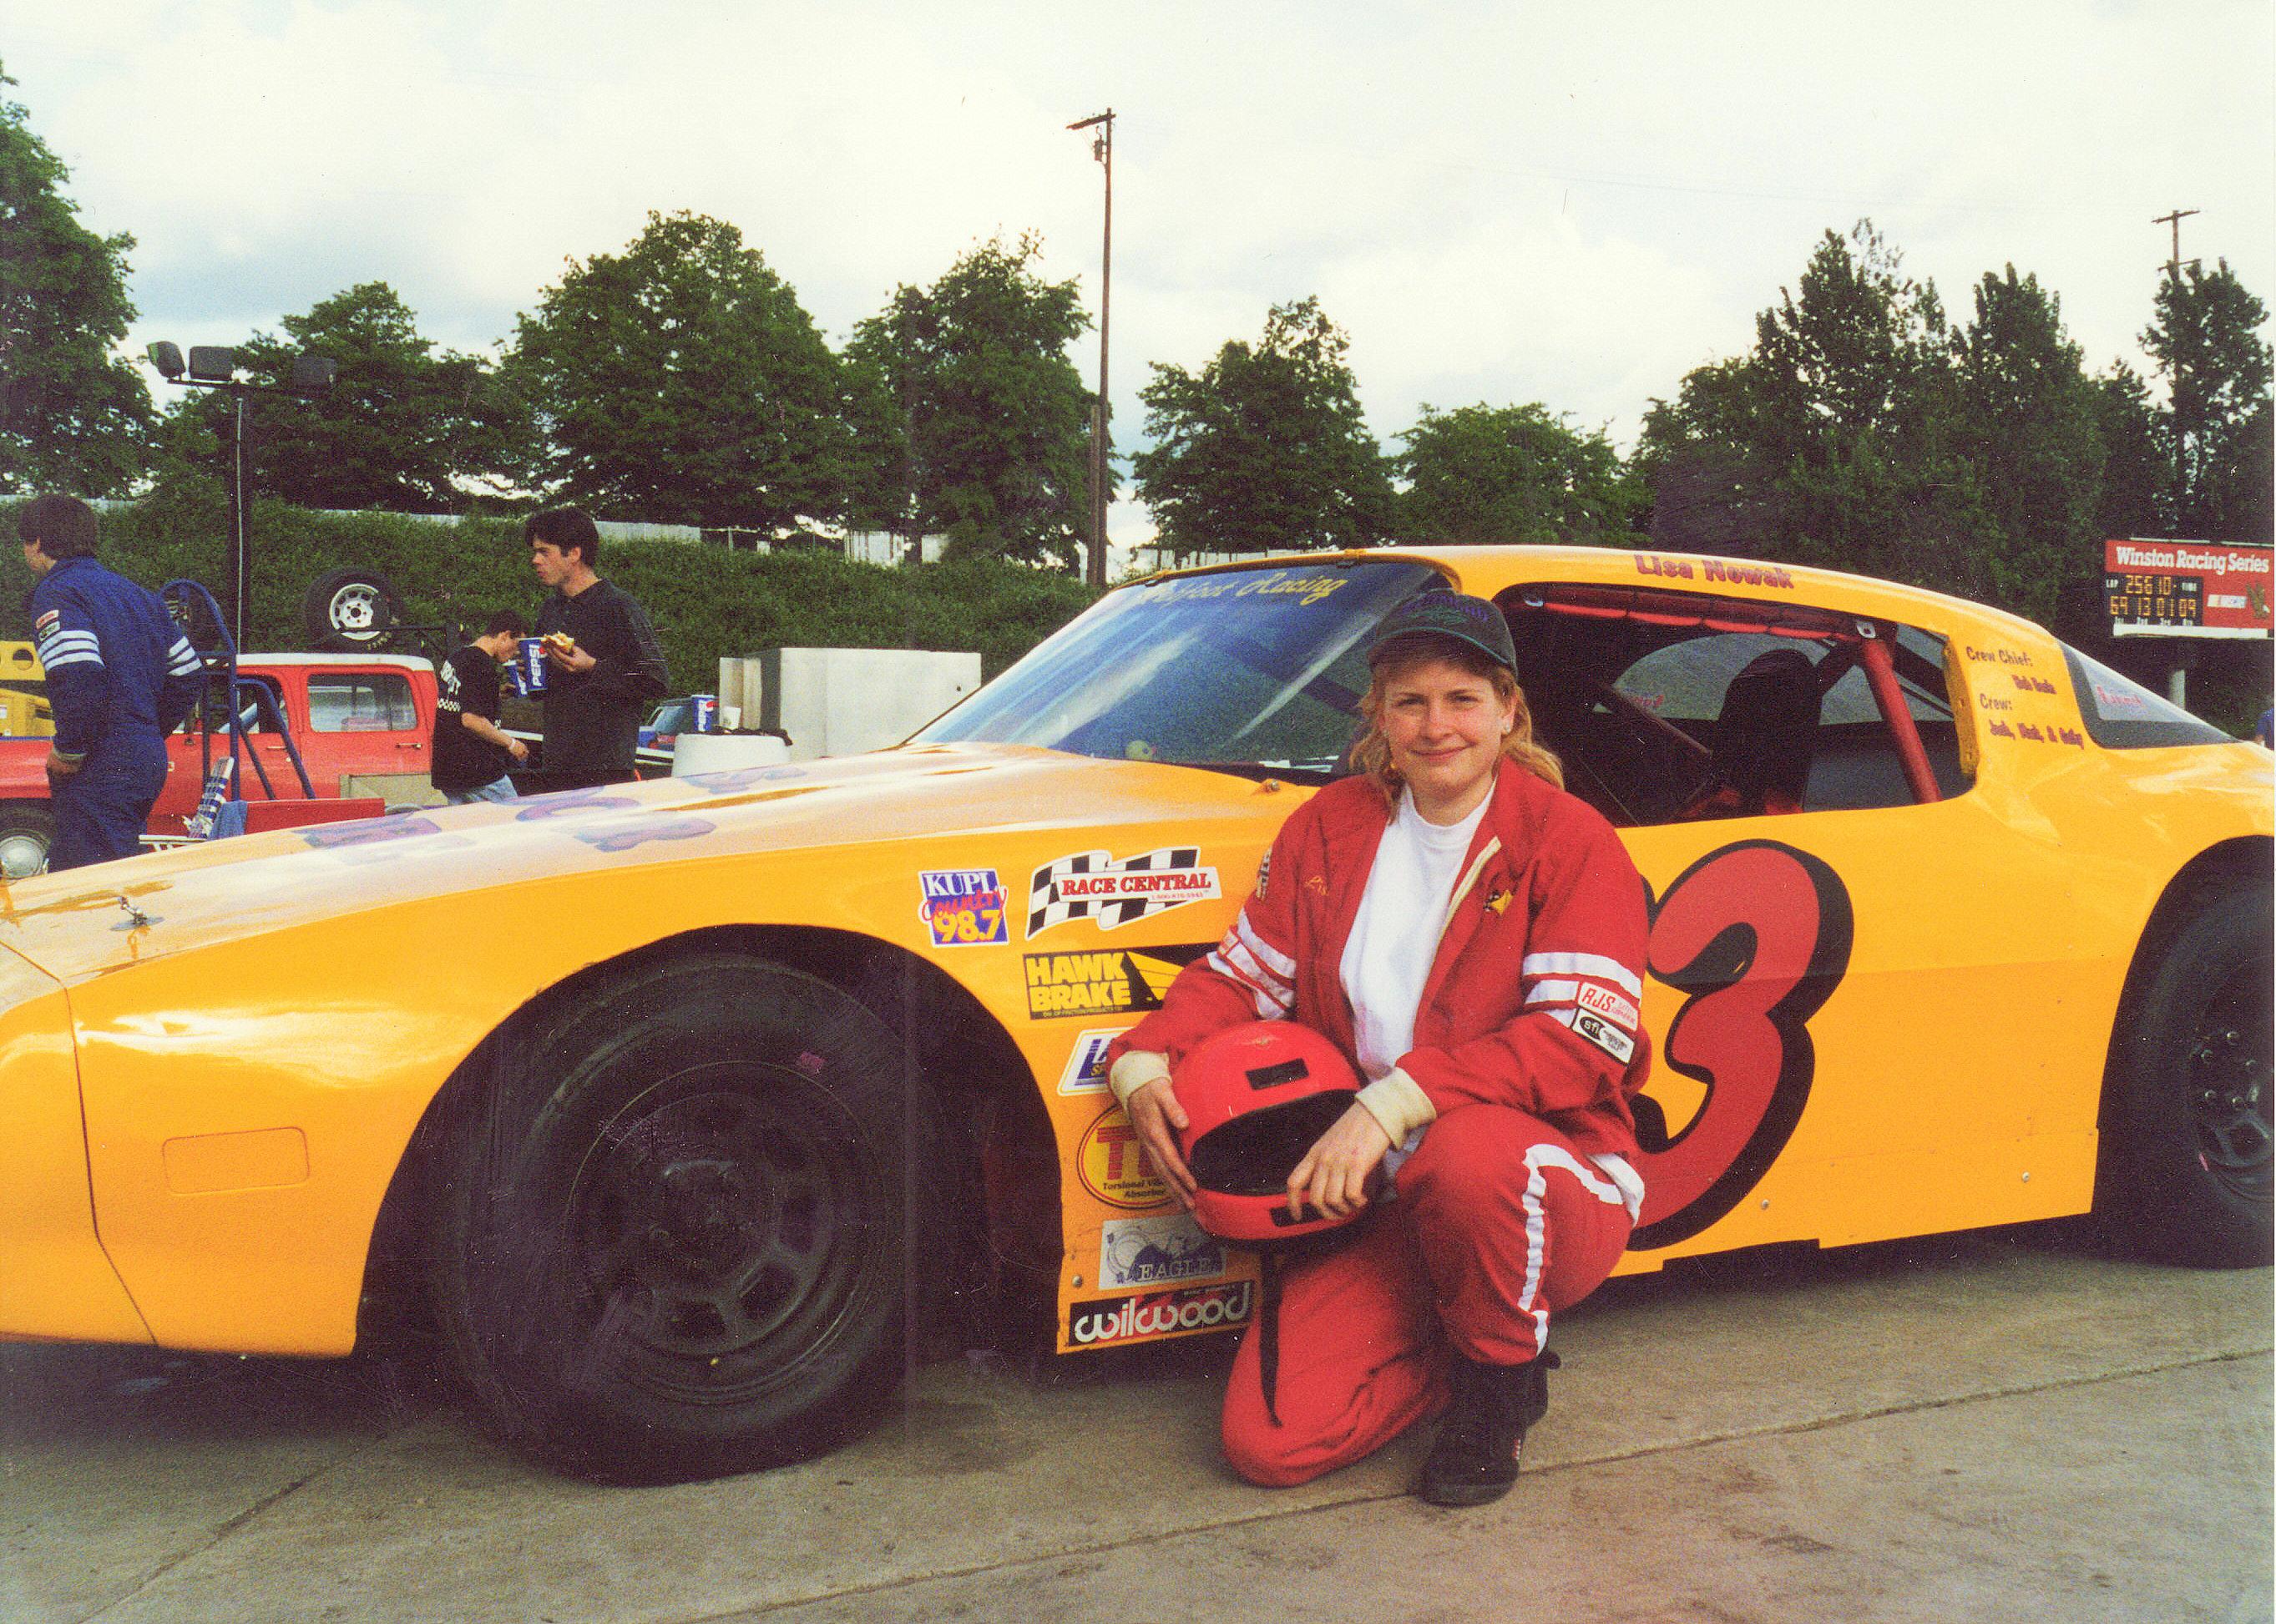 The Firebird at Portland Speedway